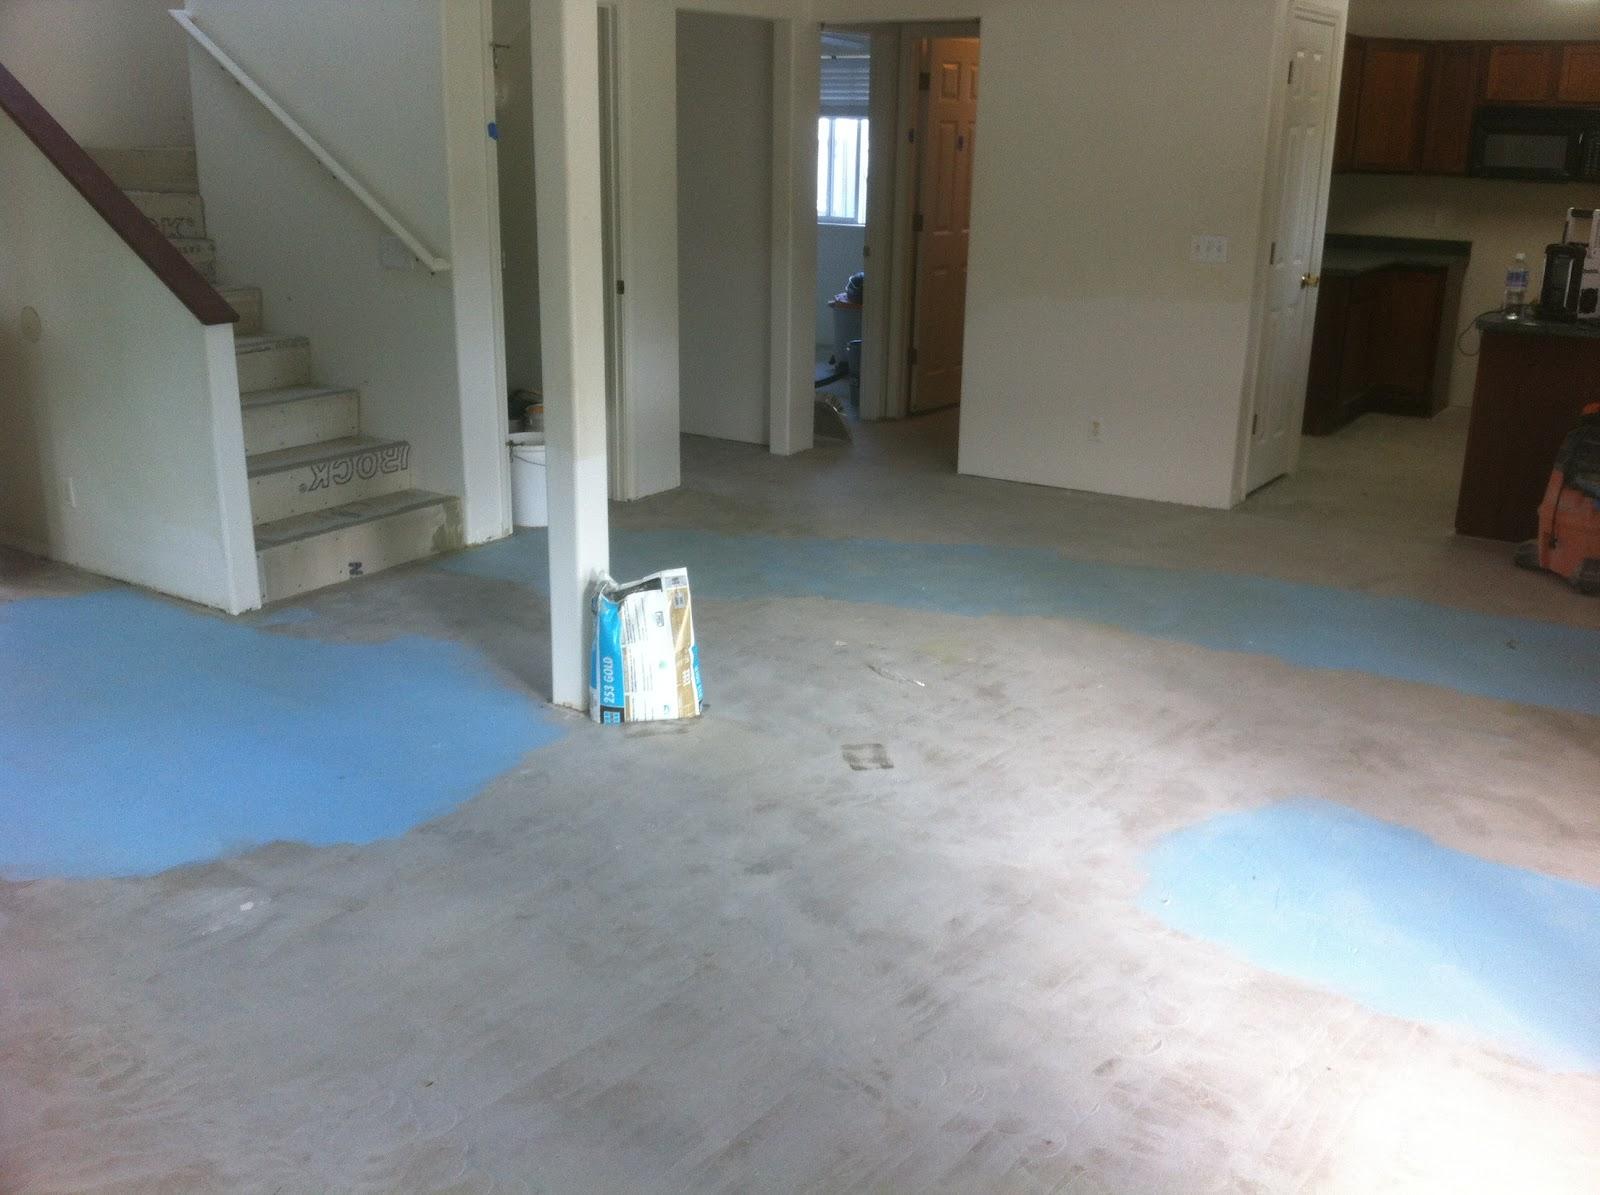 Tile Floors: Anti-fracture Membrane For Tile Floors